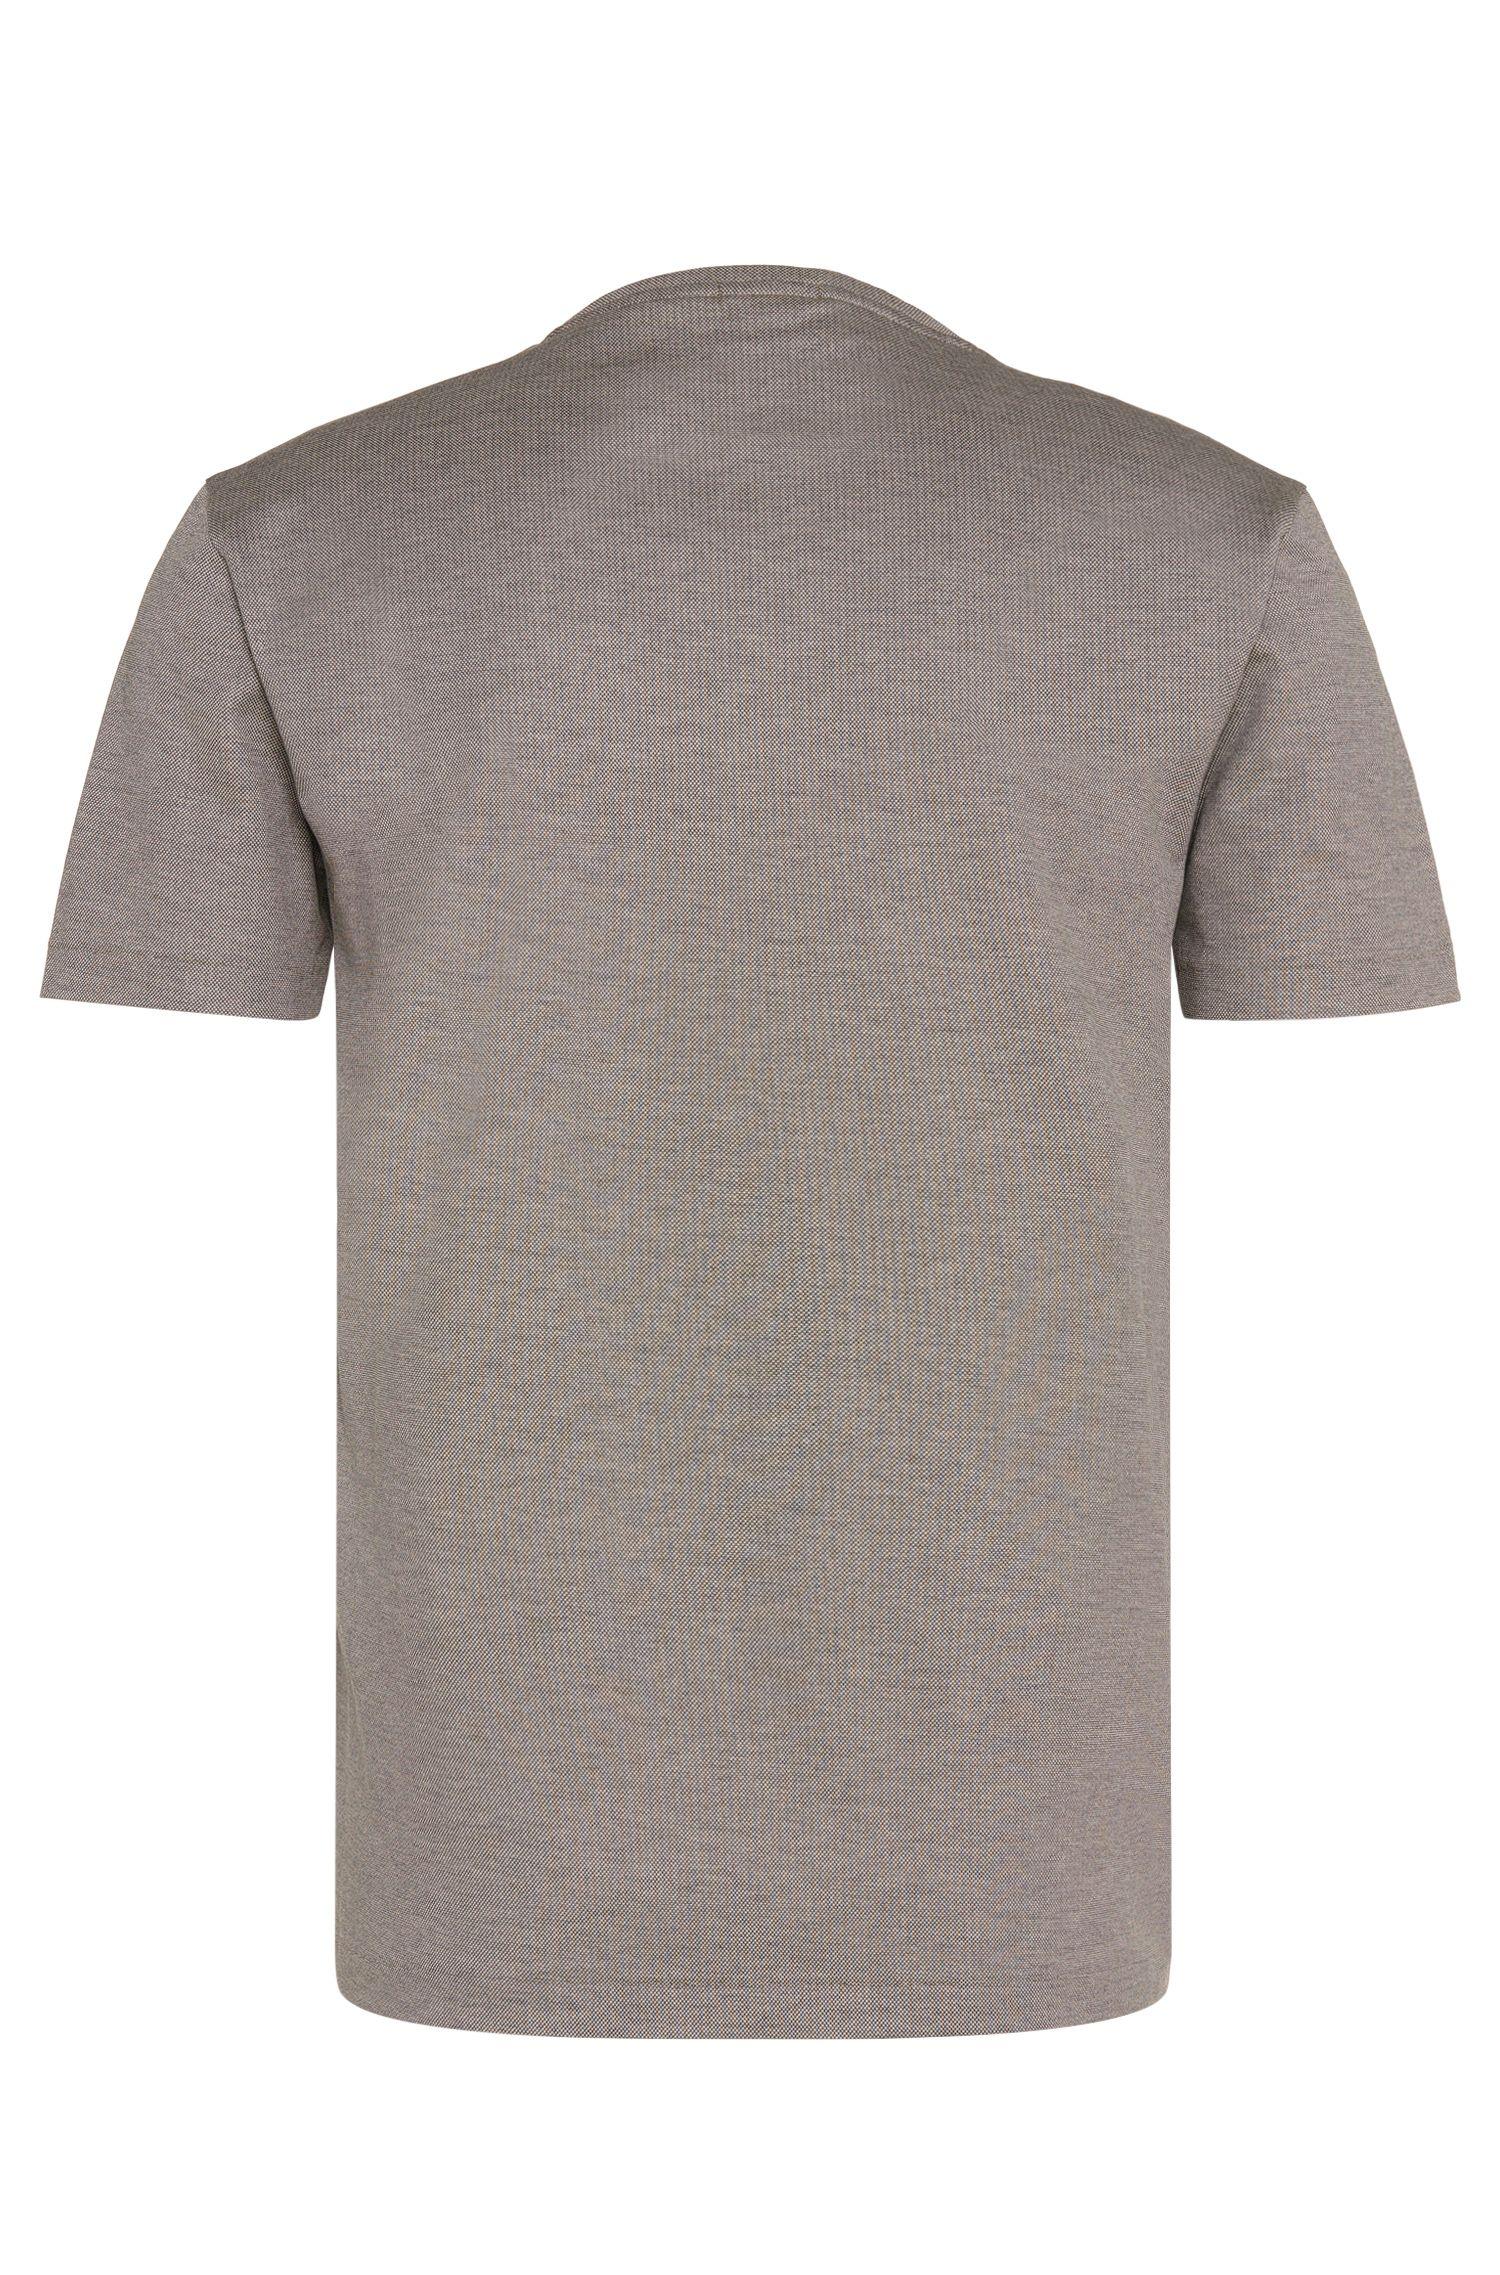 Regular-Fit T-Shirt aus Baumwolle mit geometrischem Motiv: 'Tiburt 11'